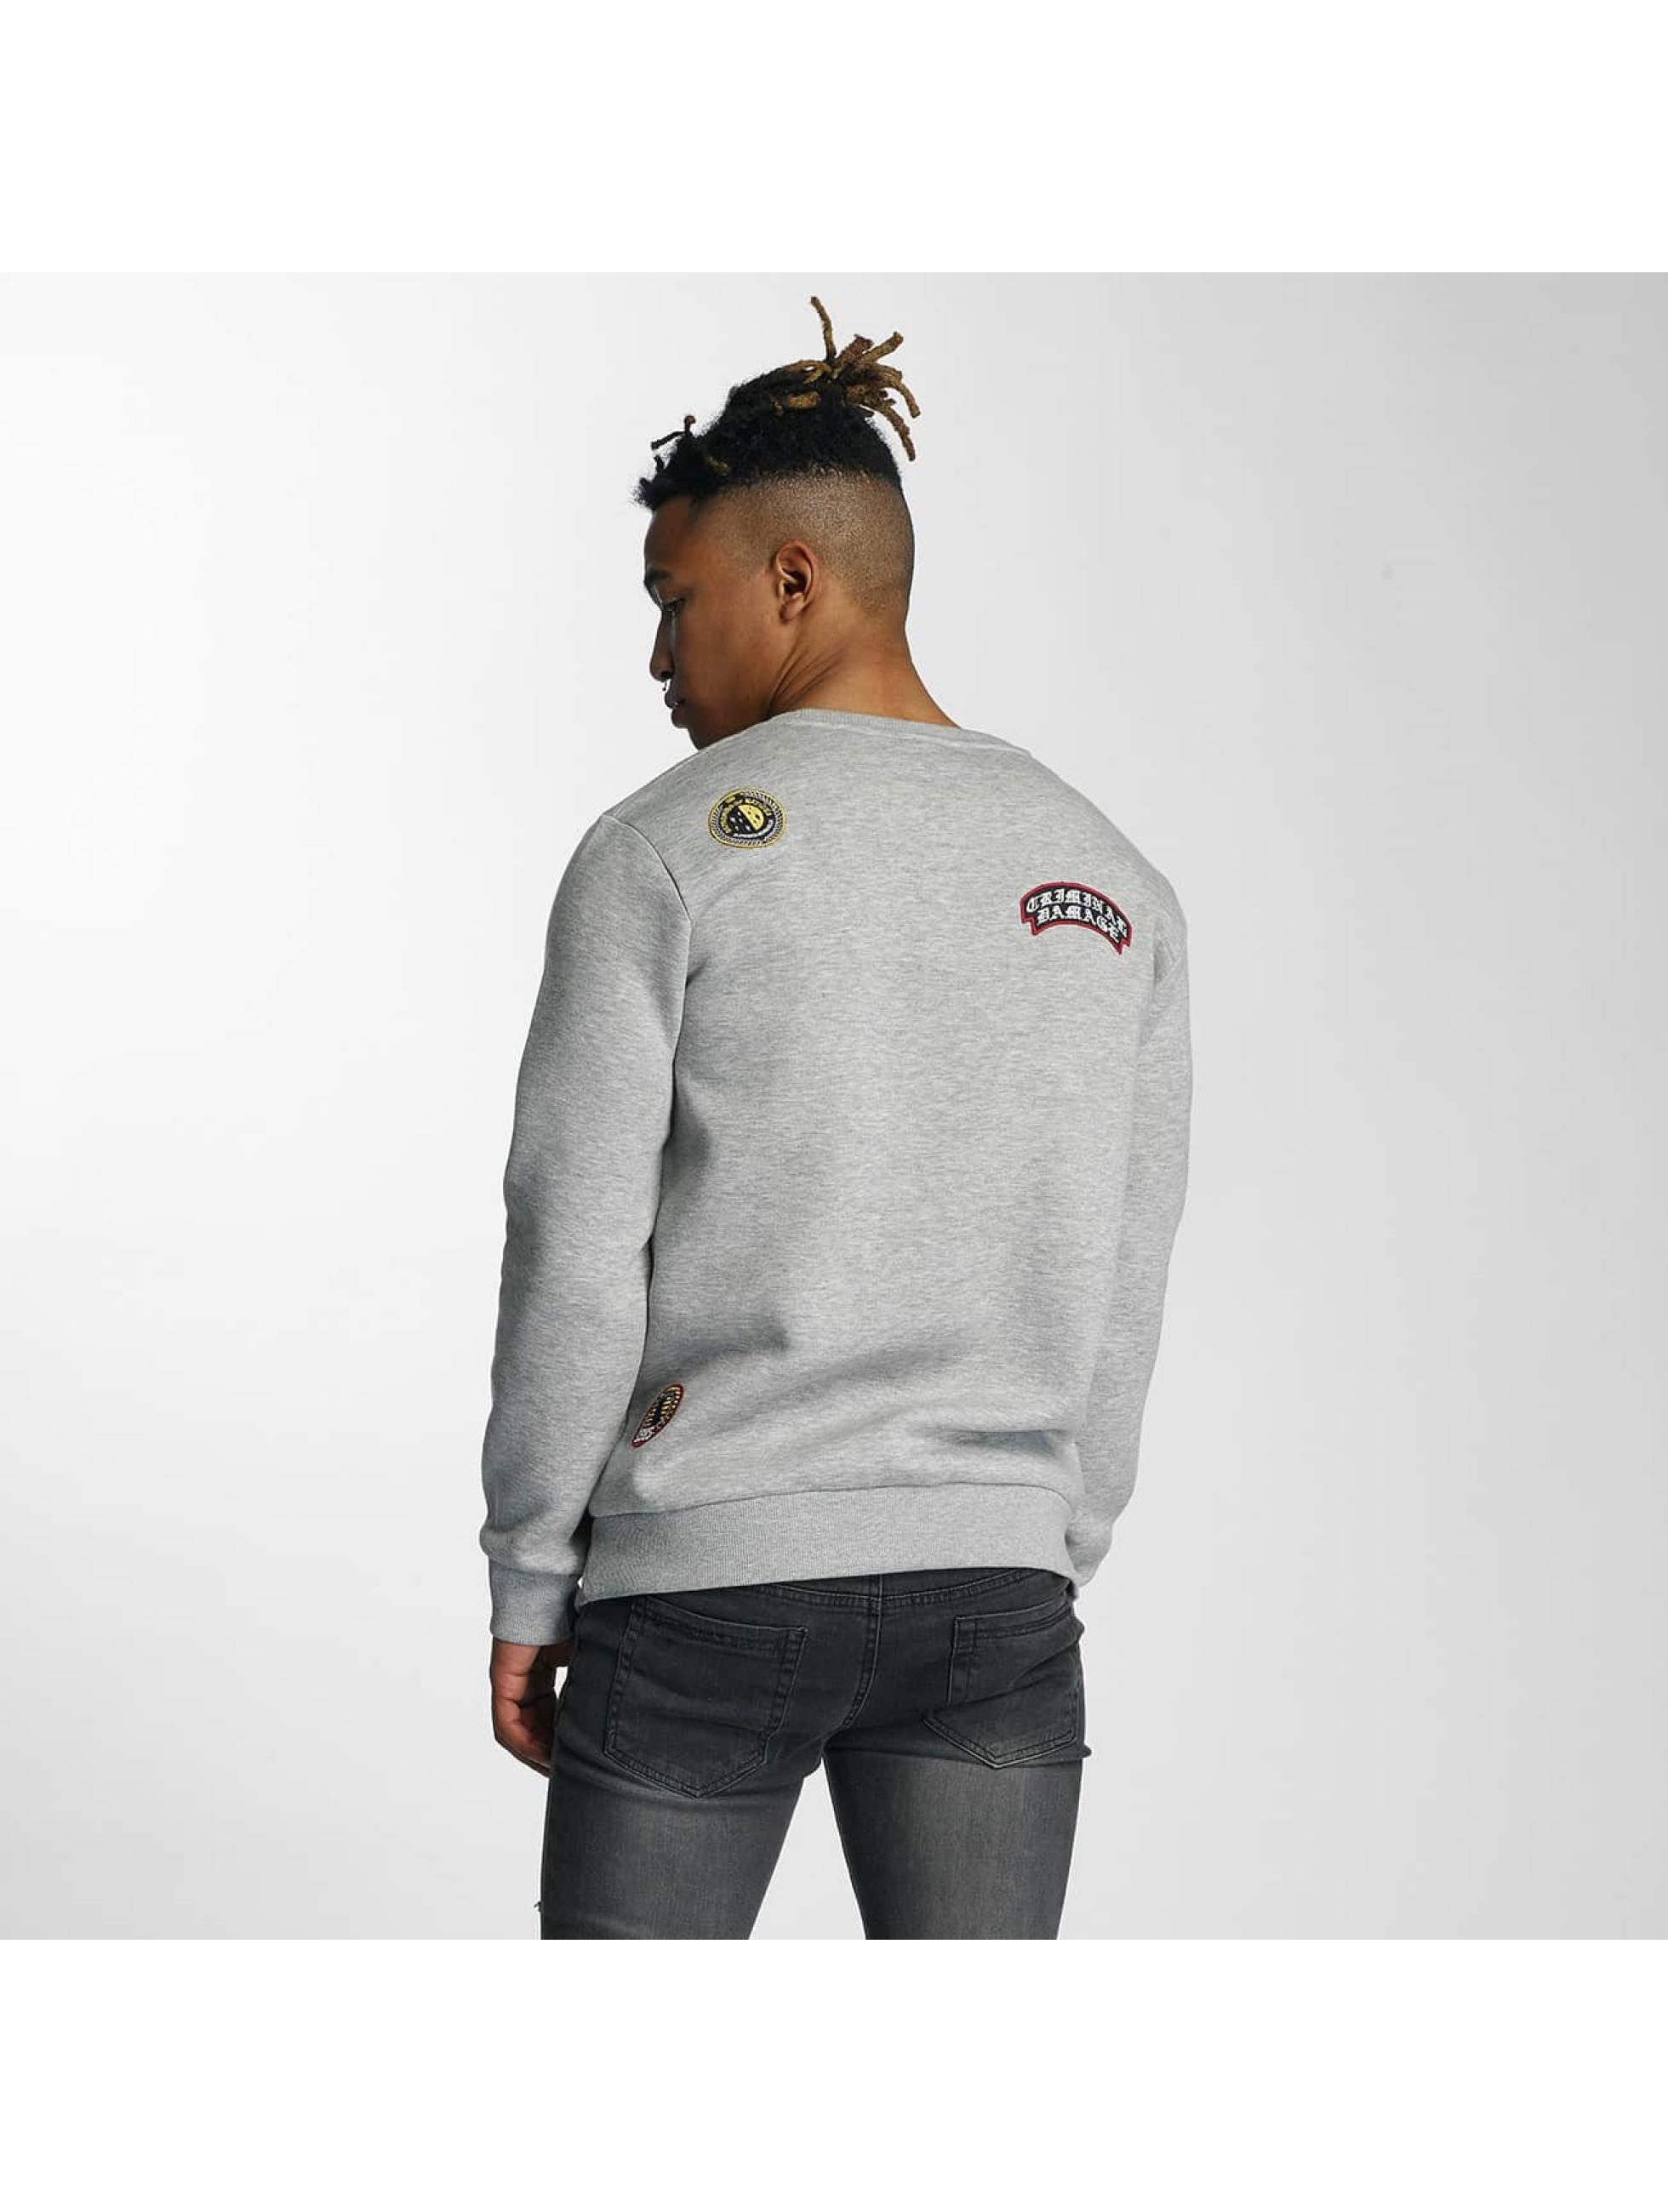 Pullover Emblem in grau